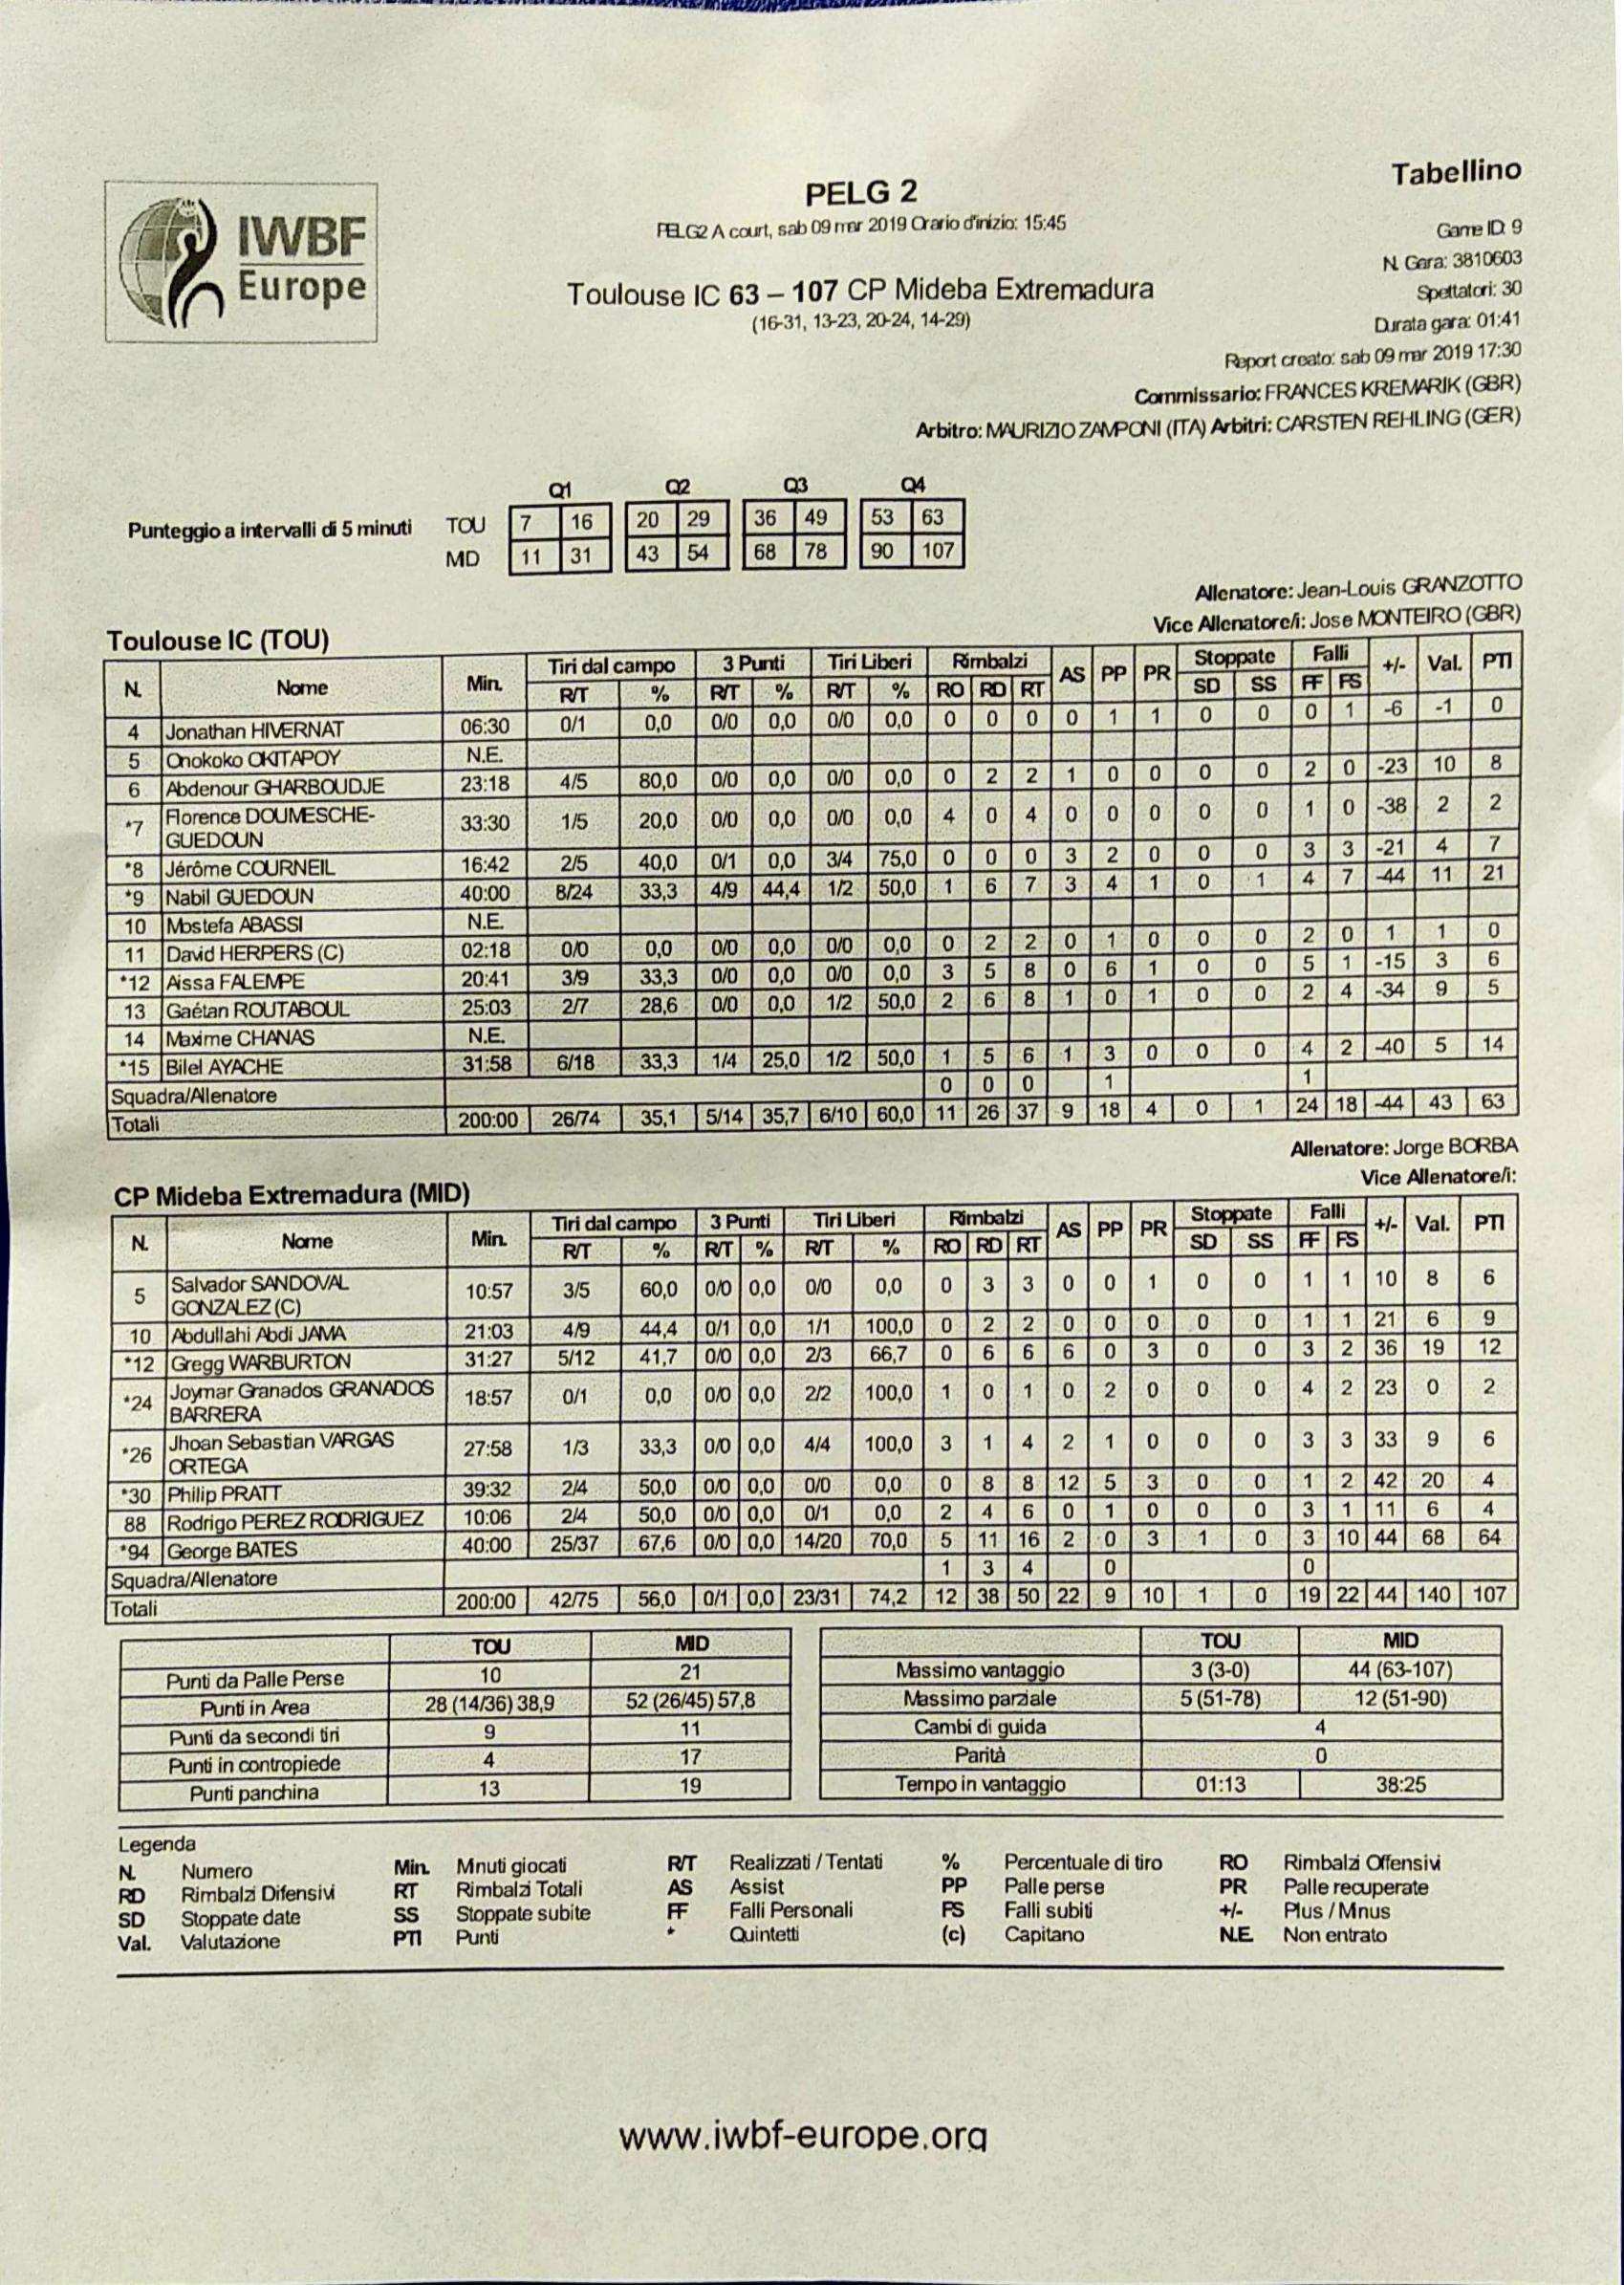 Estadística Tolouse - Mideba